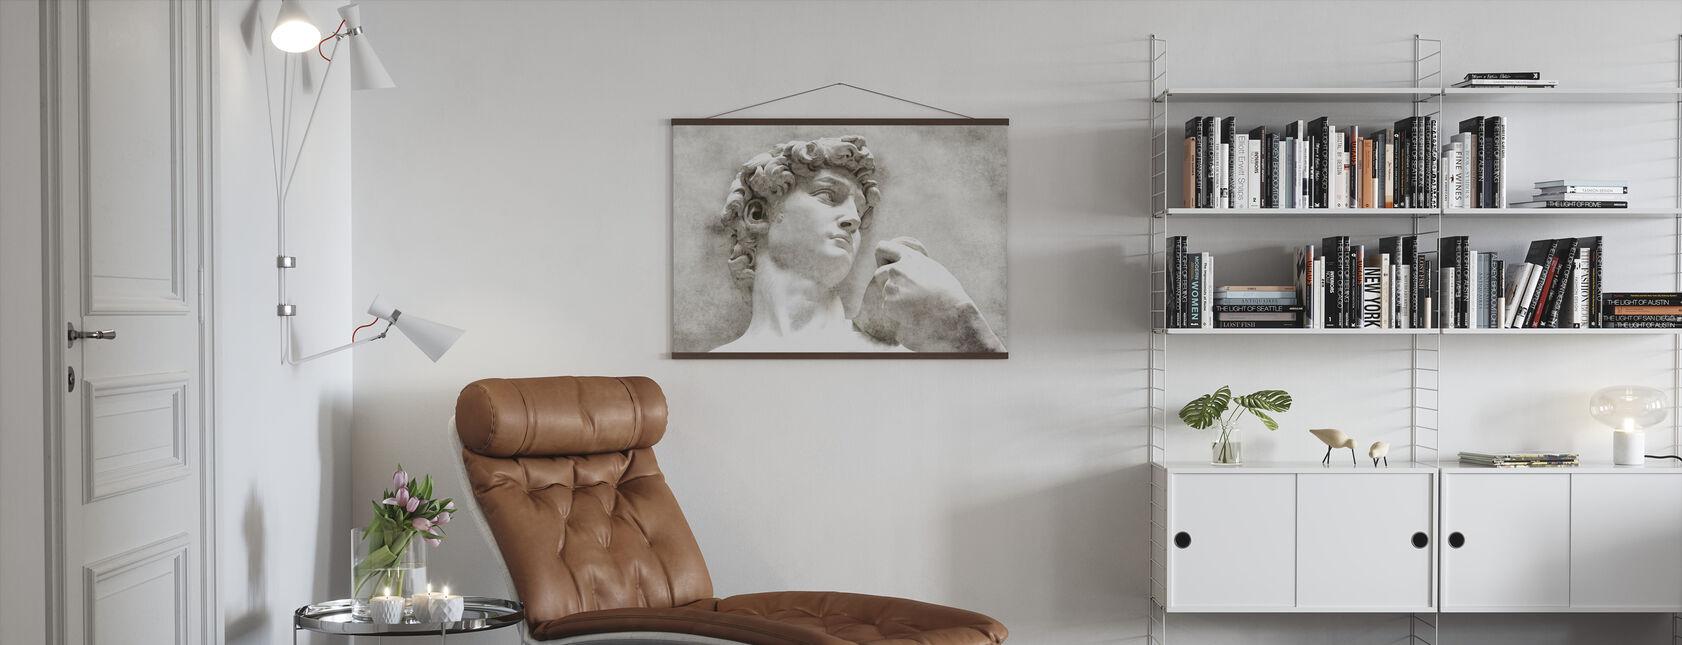 David Statue von Michelangelo - Poster - Wohnzimmer